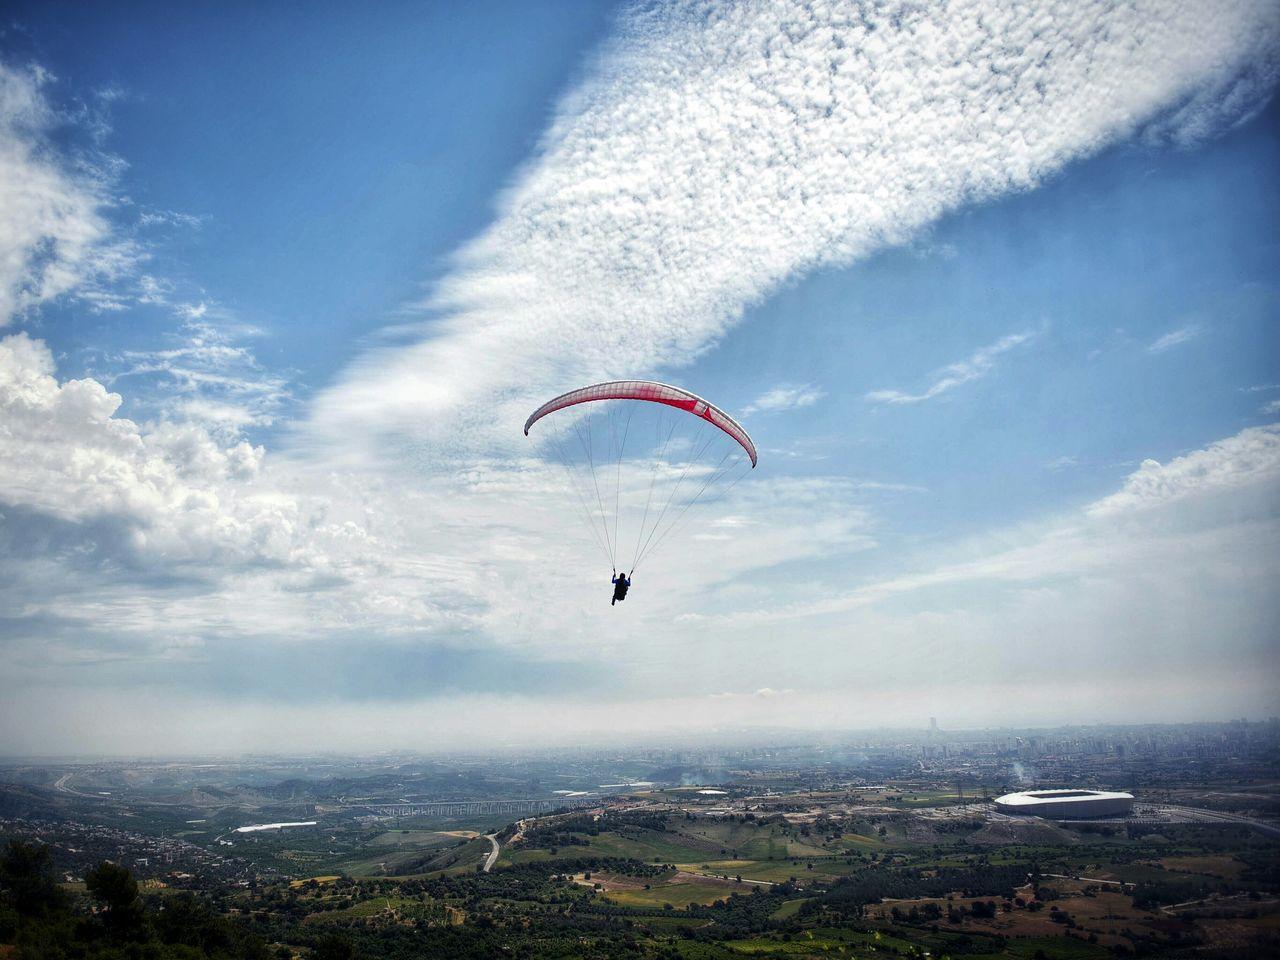 Person Parachuting Over Landscape Against Sky